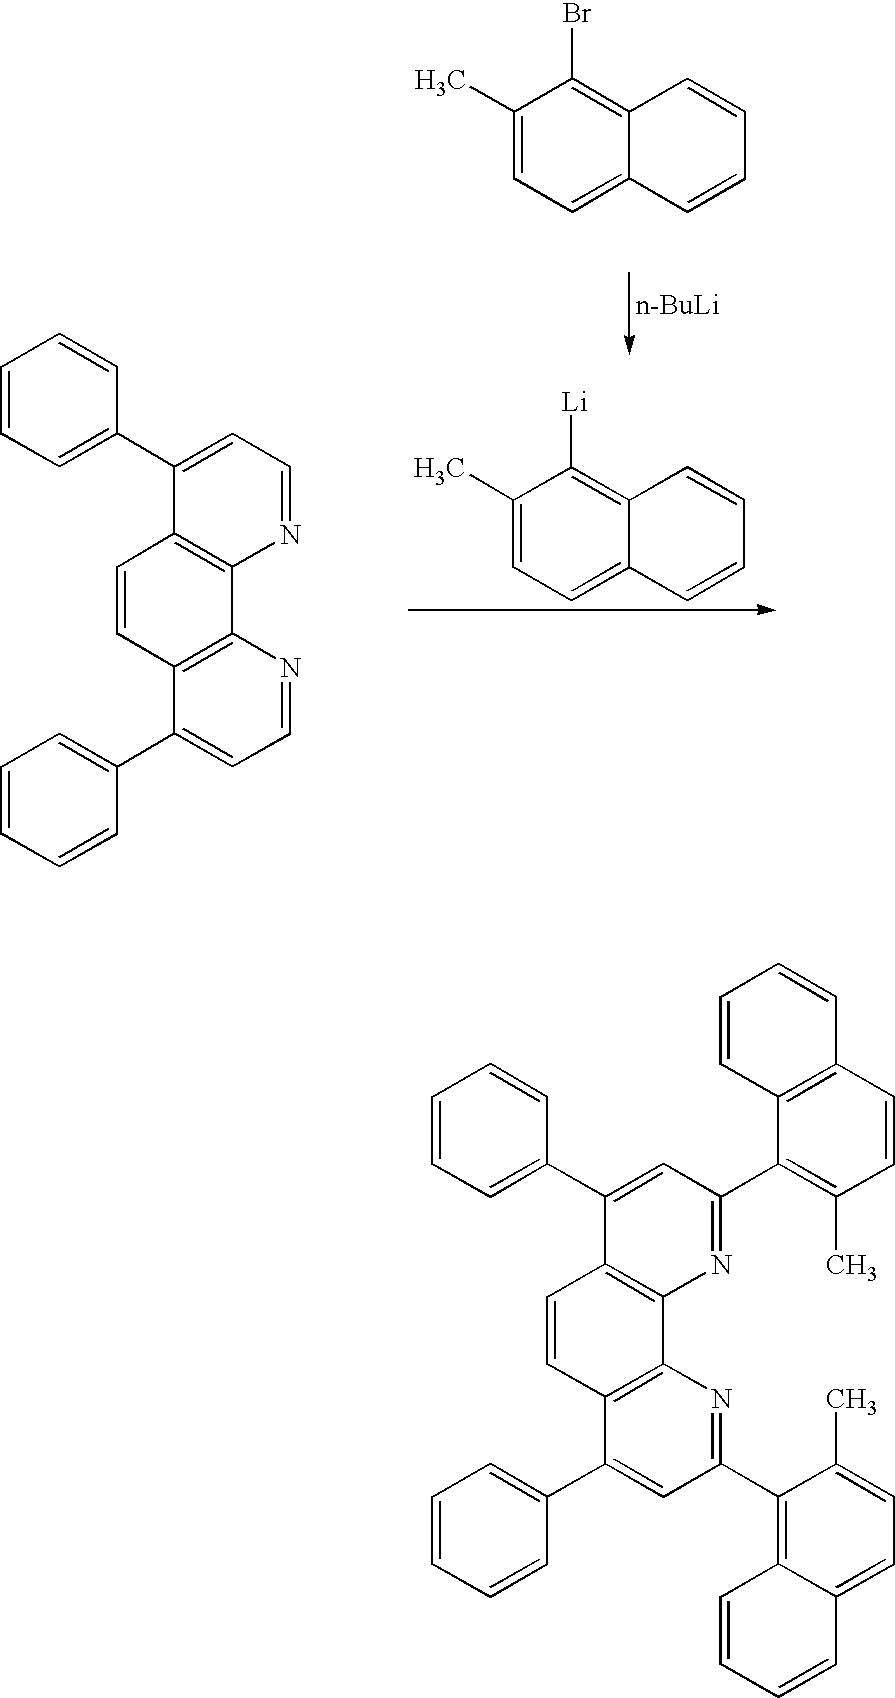 Figure US20050073641A1-20050407-C00068